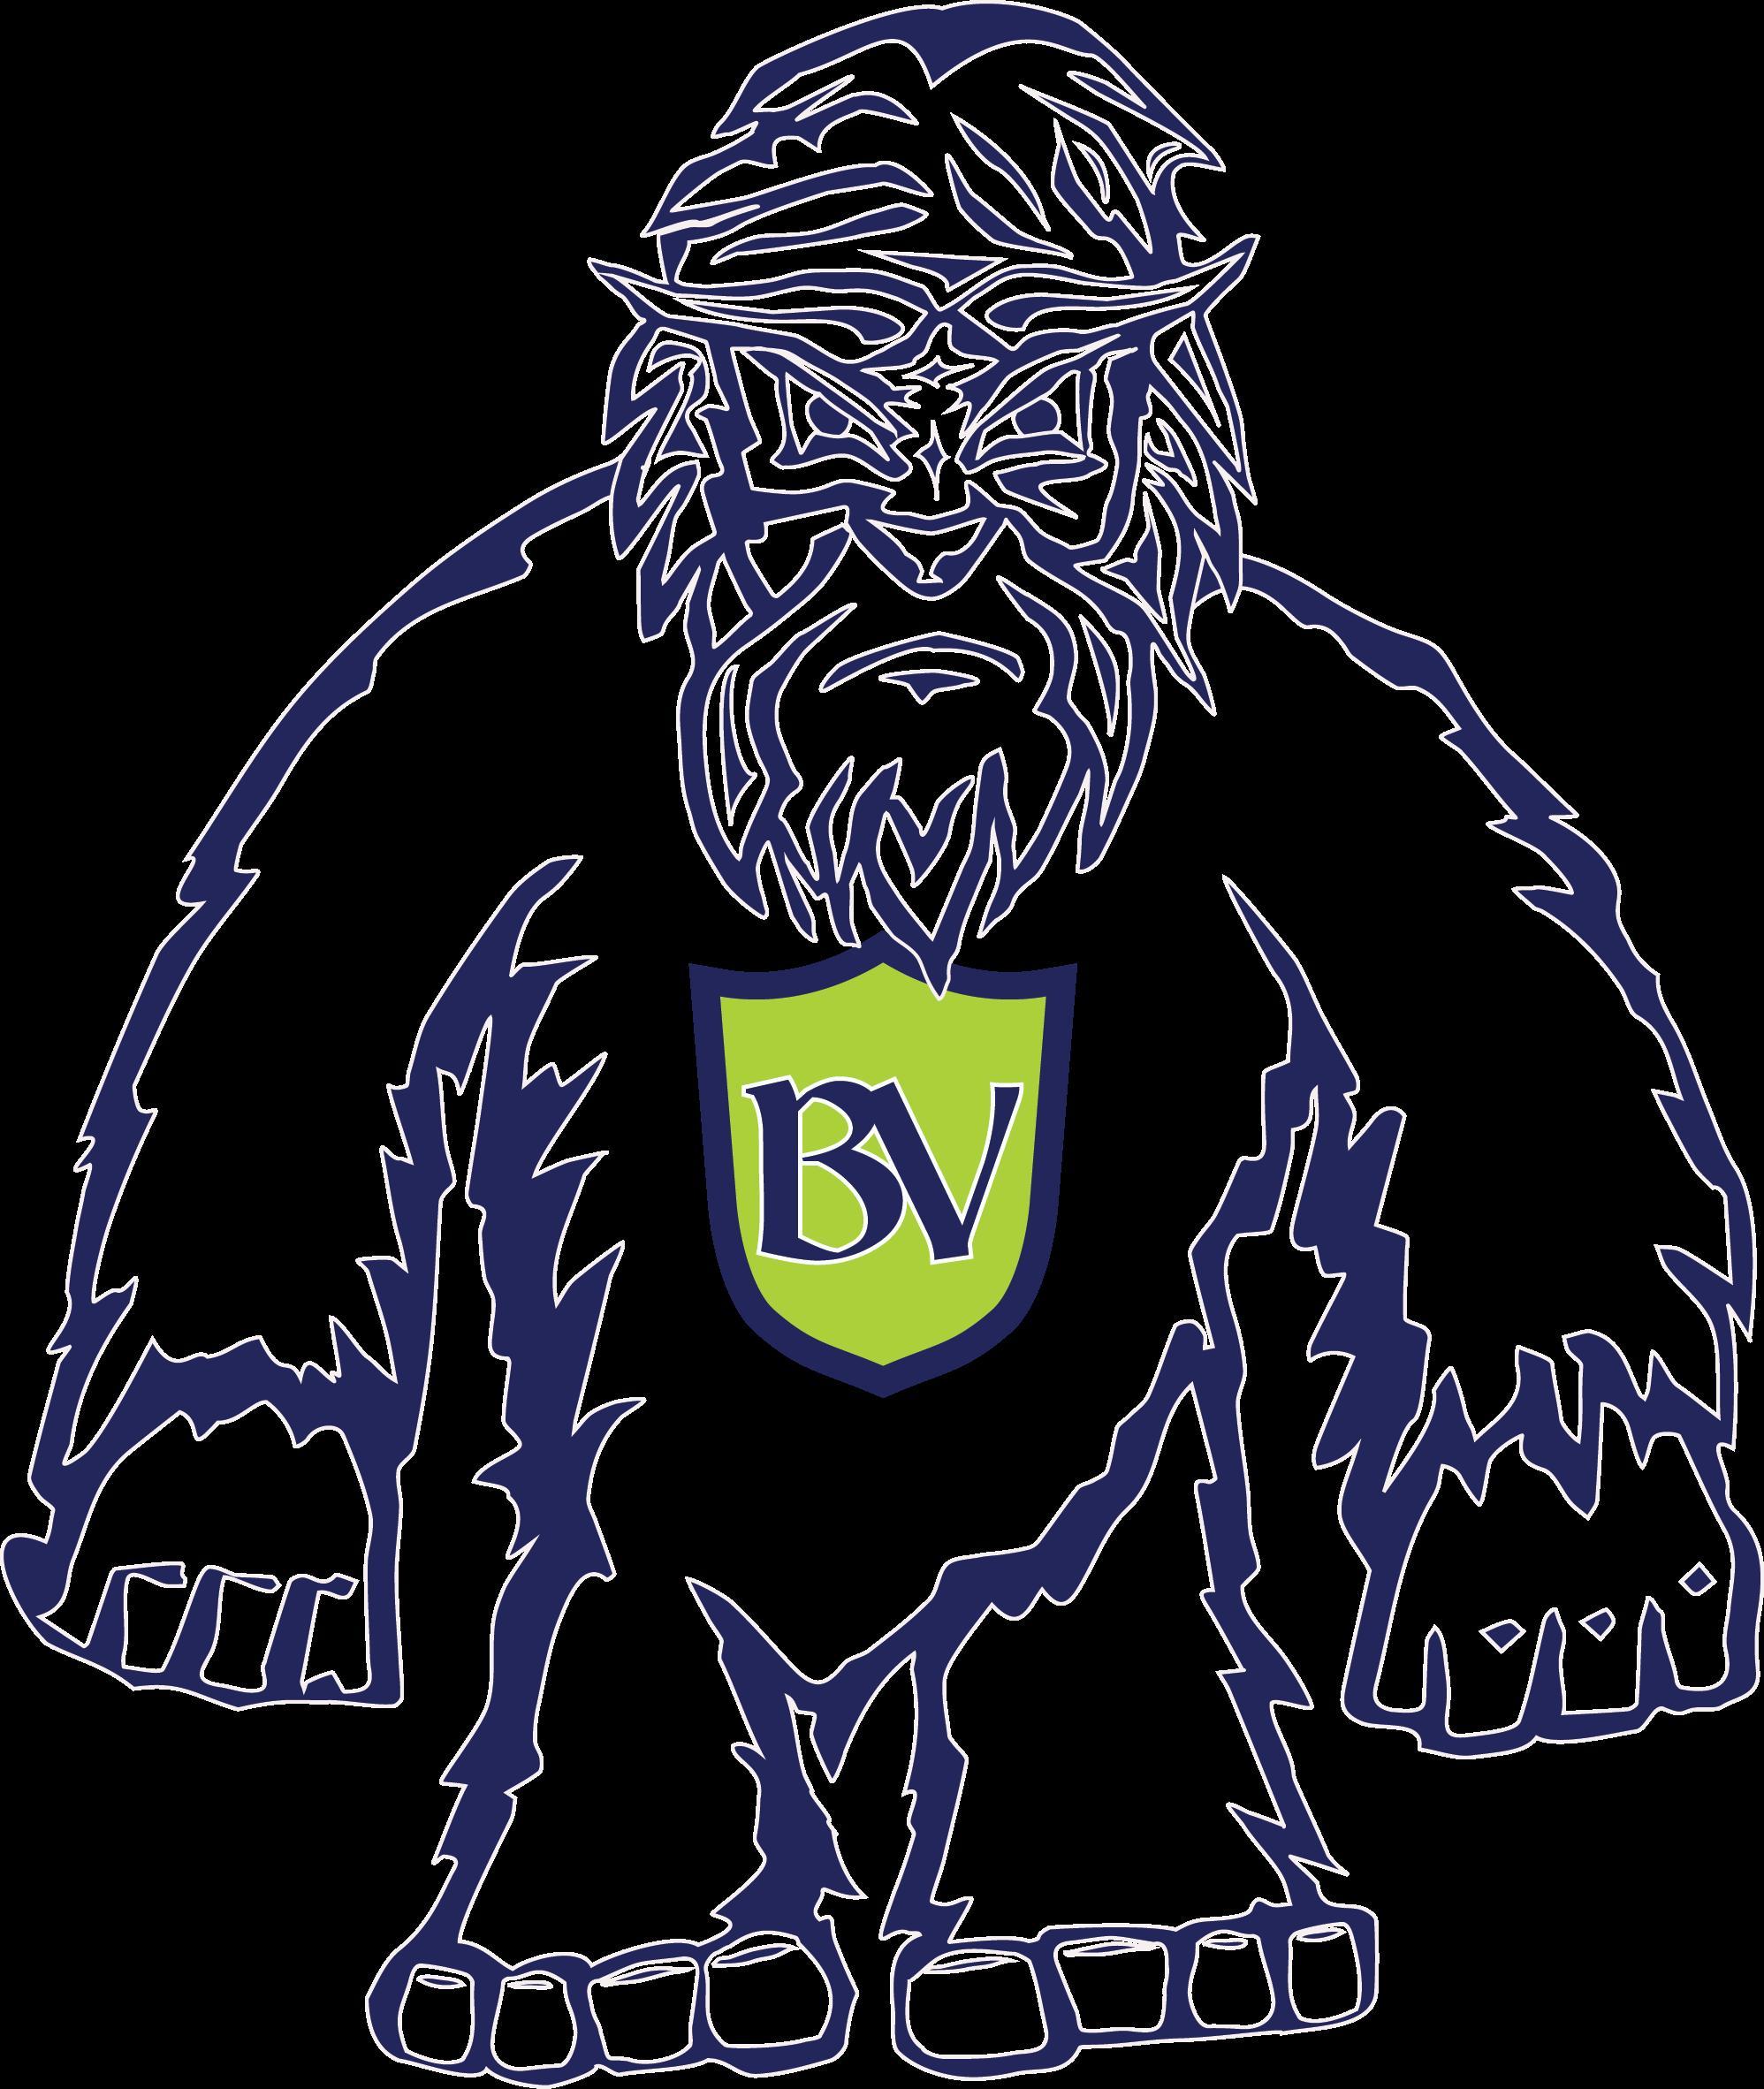 Bear Valley International School.